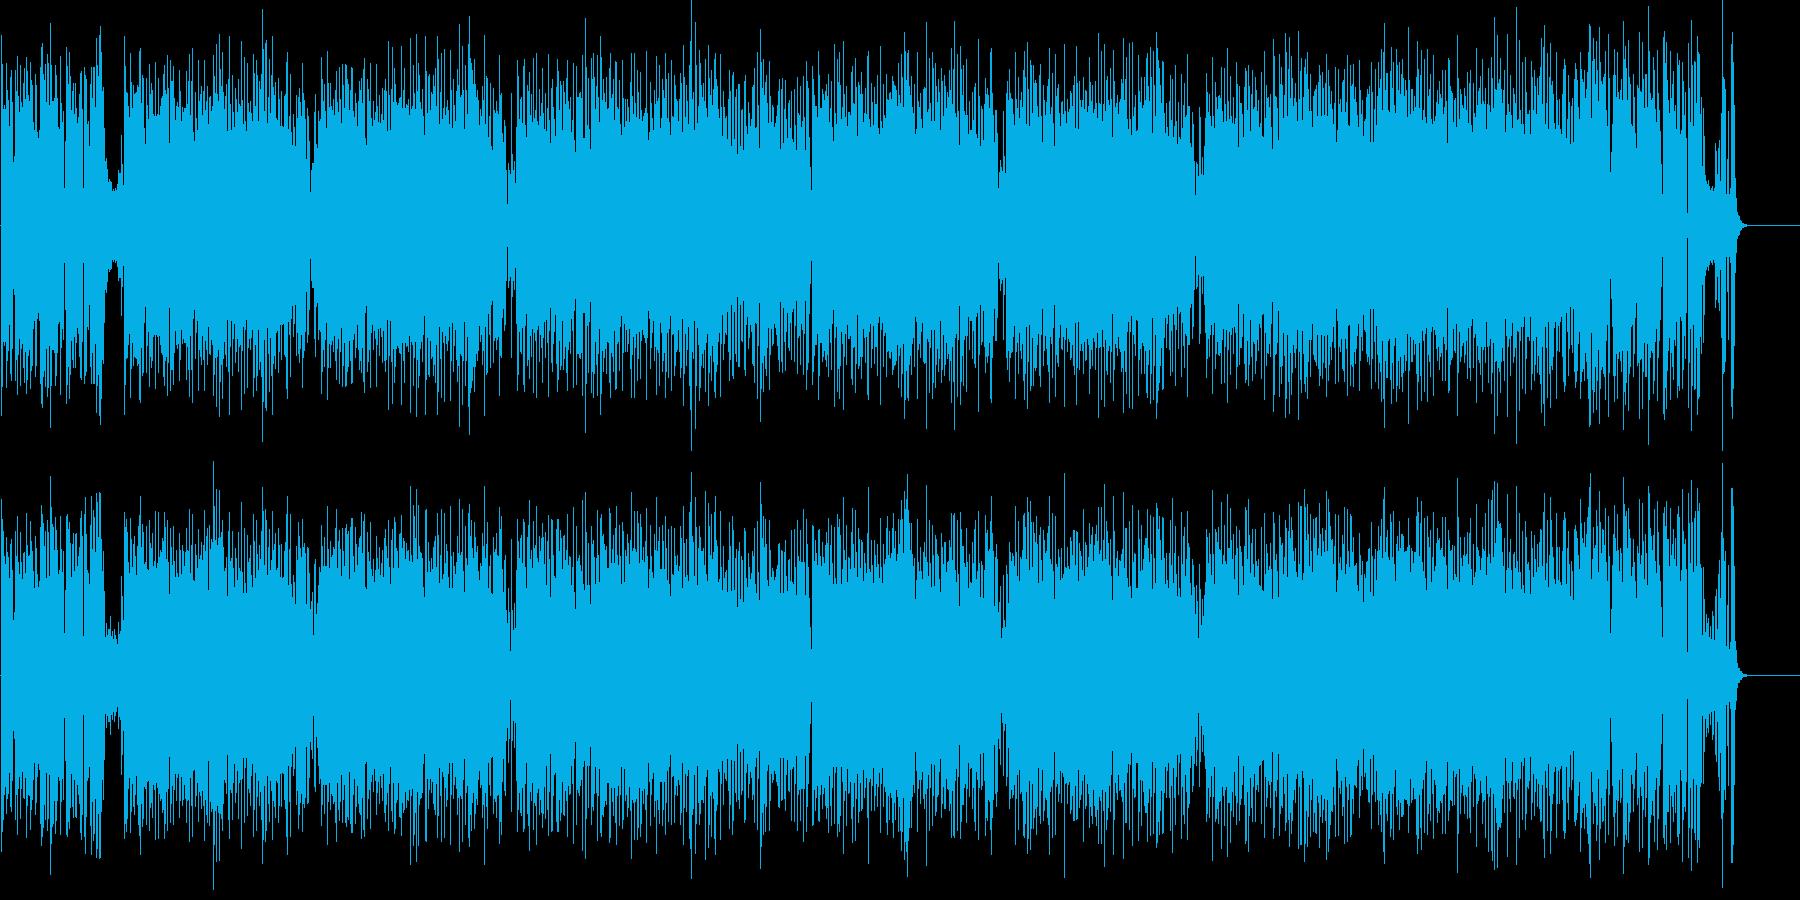 躍動 元気 軽快 いきいき はつらつの再生済みの波形